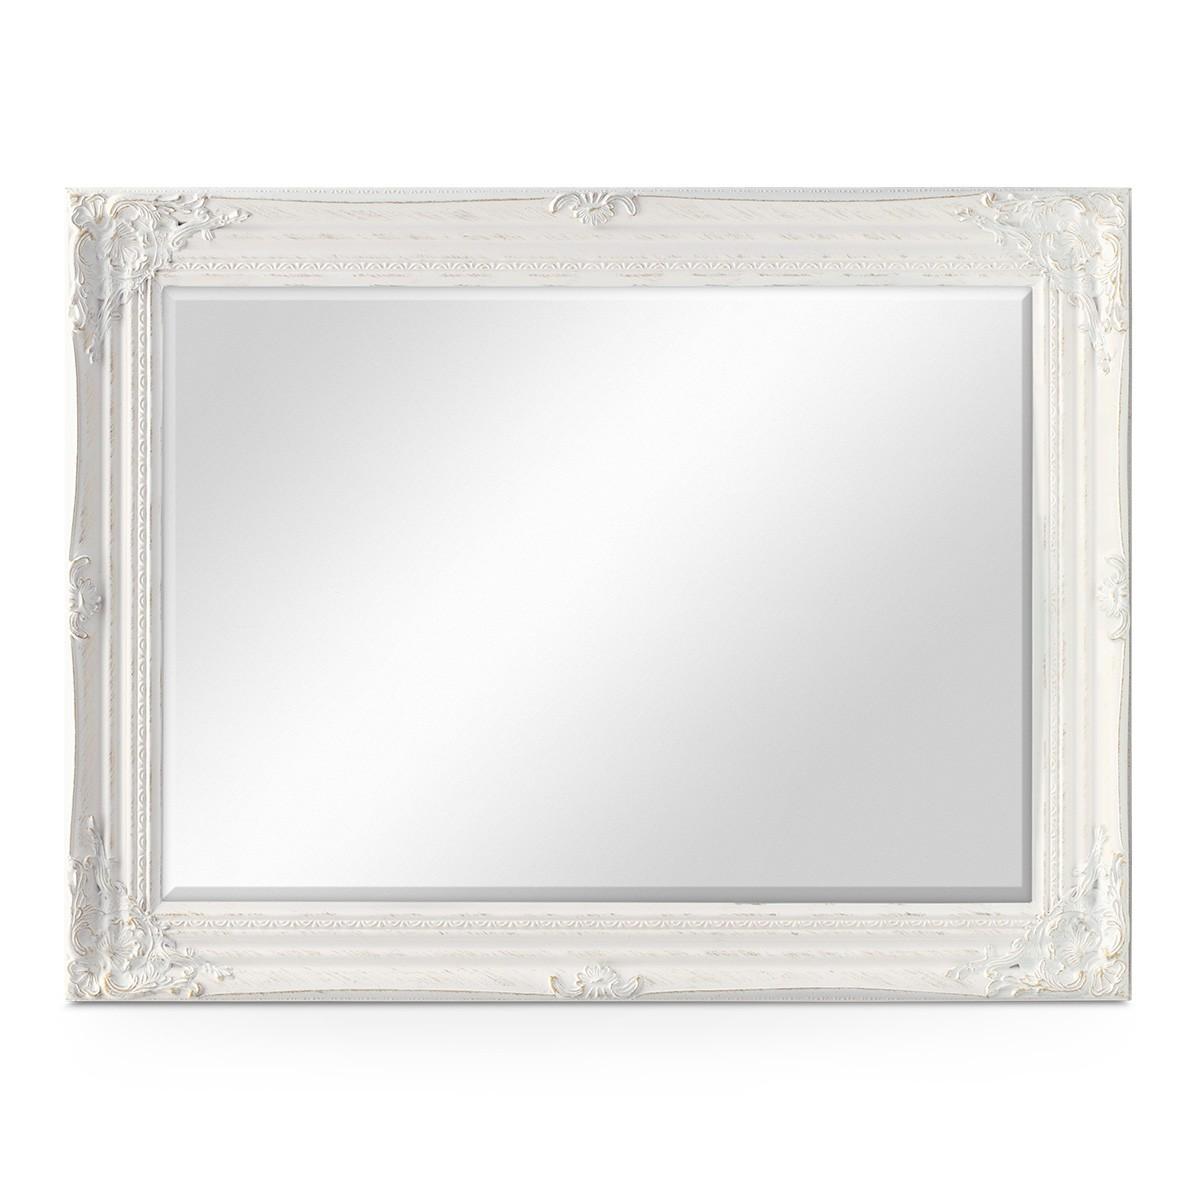 Ziemlich Billiger Weißer Bilderrahmen Fotos - Benutzerdefinierte ...